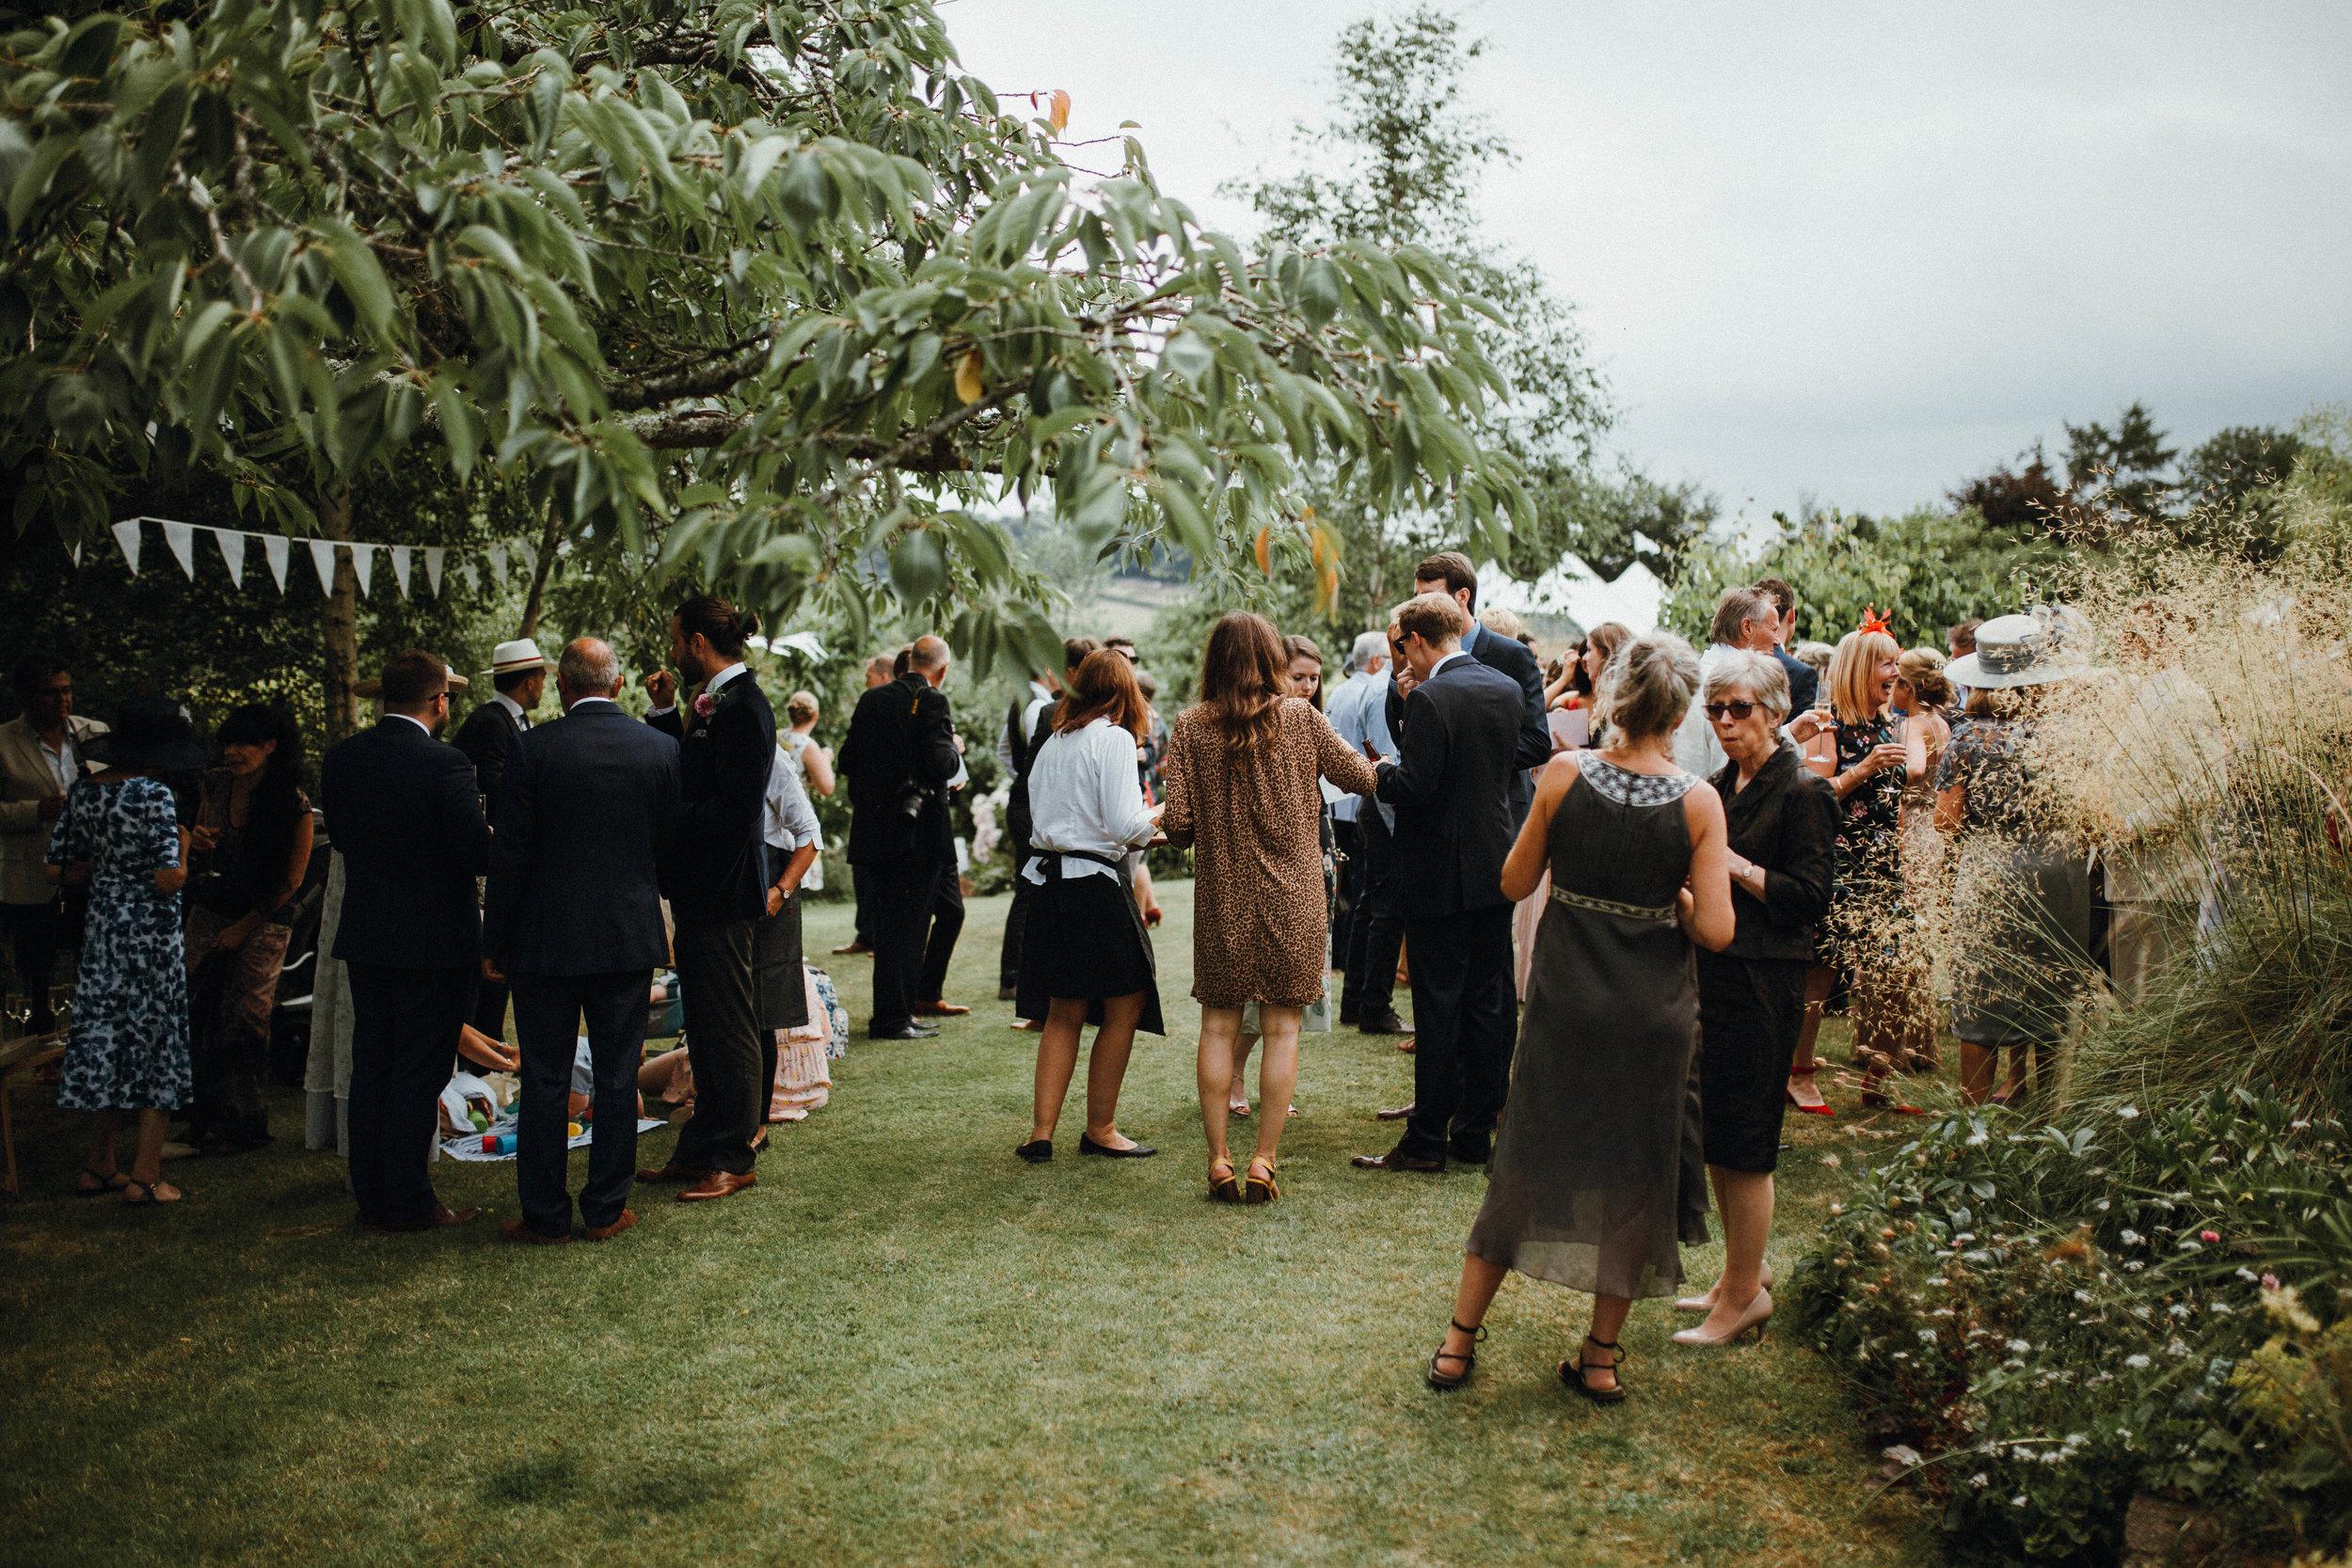 Outdoor summer English garden wedding